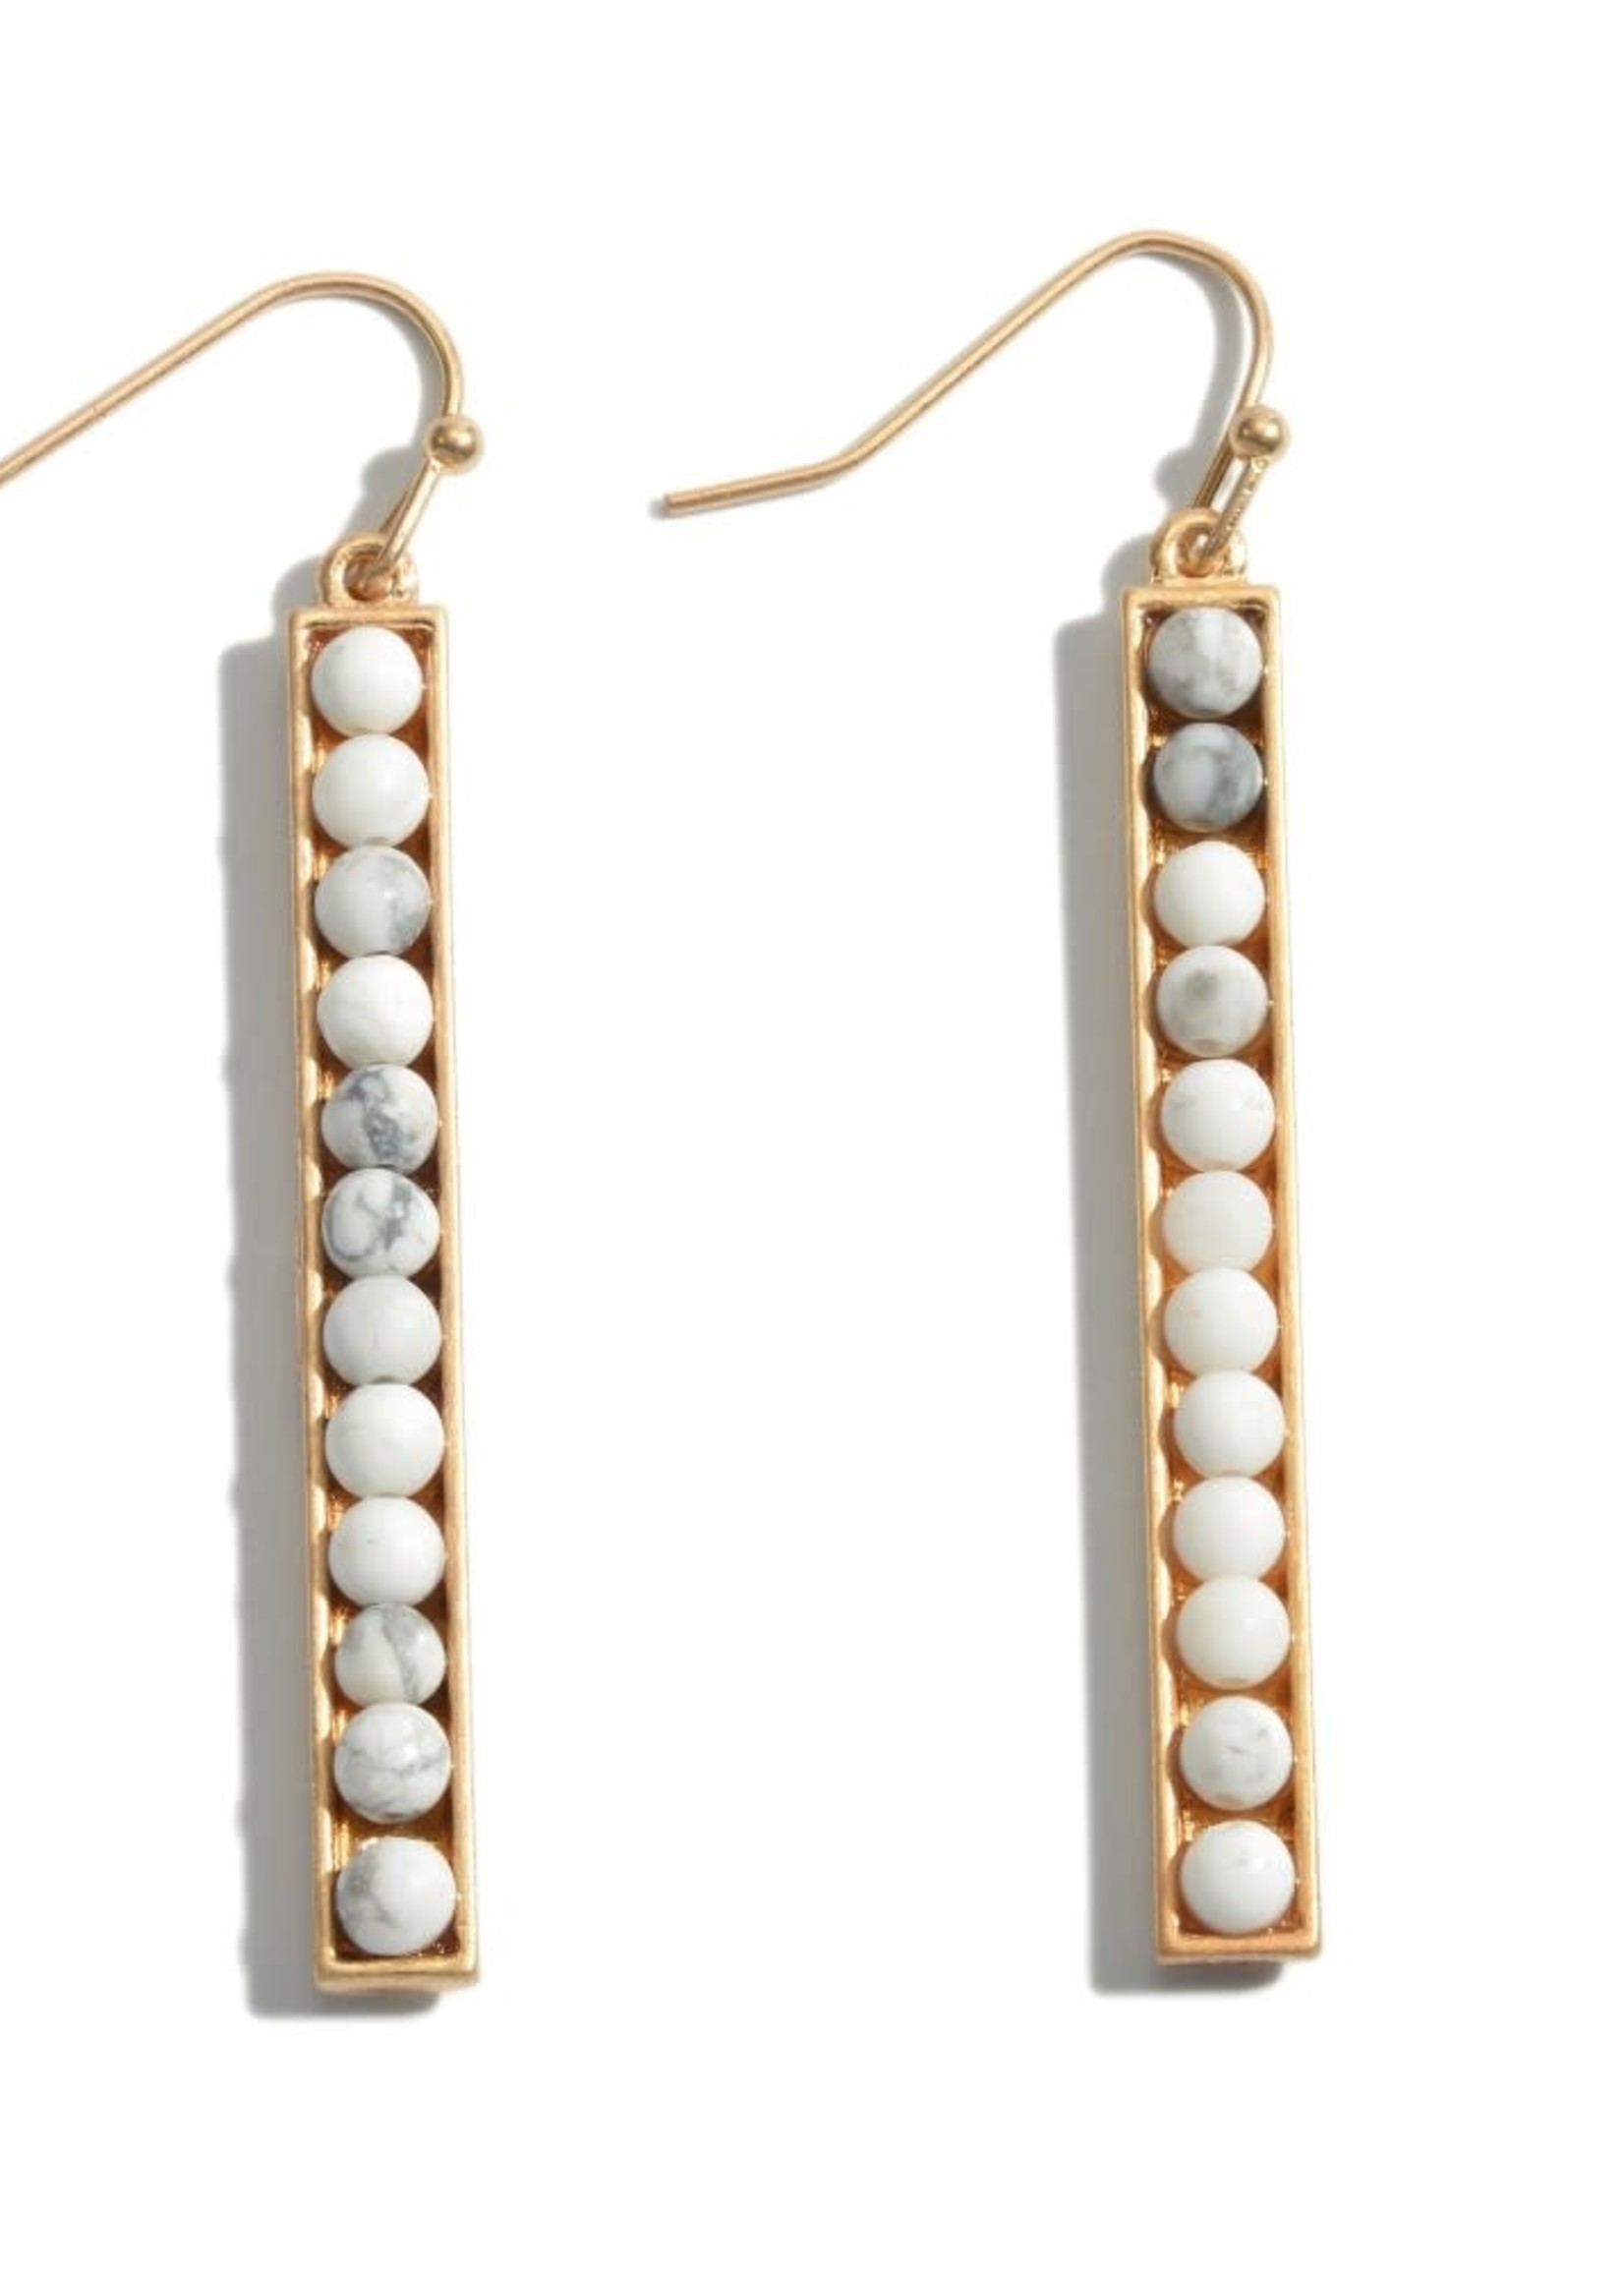 White Semi Precious Beaded Bar Earrings